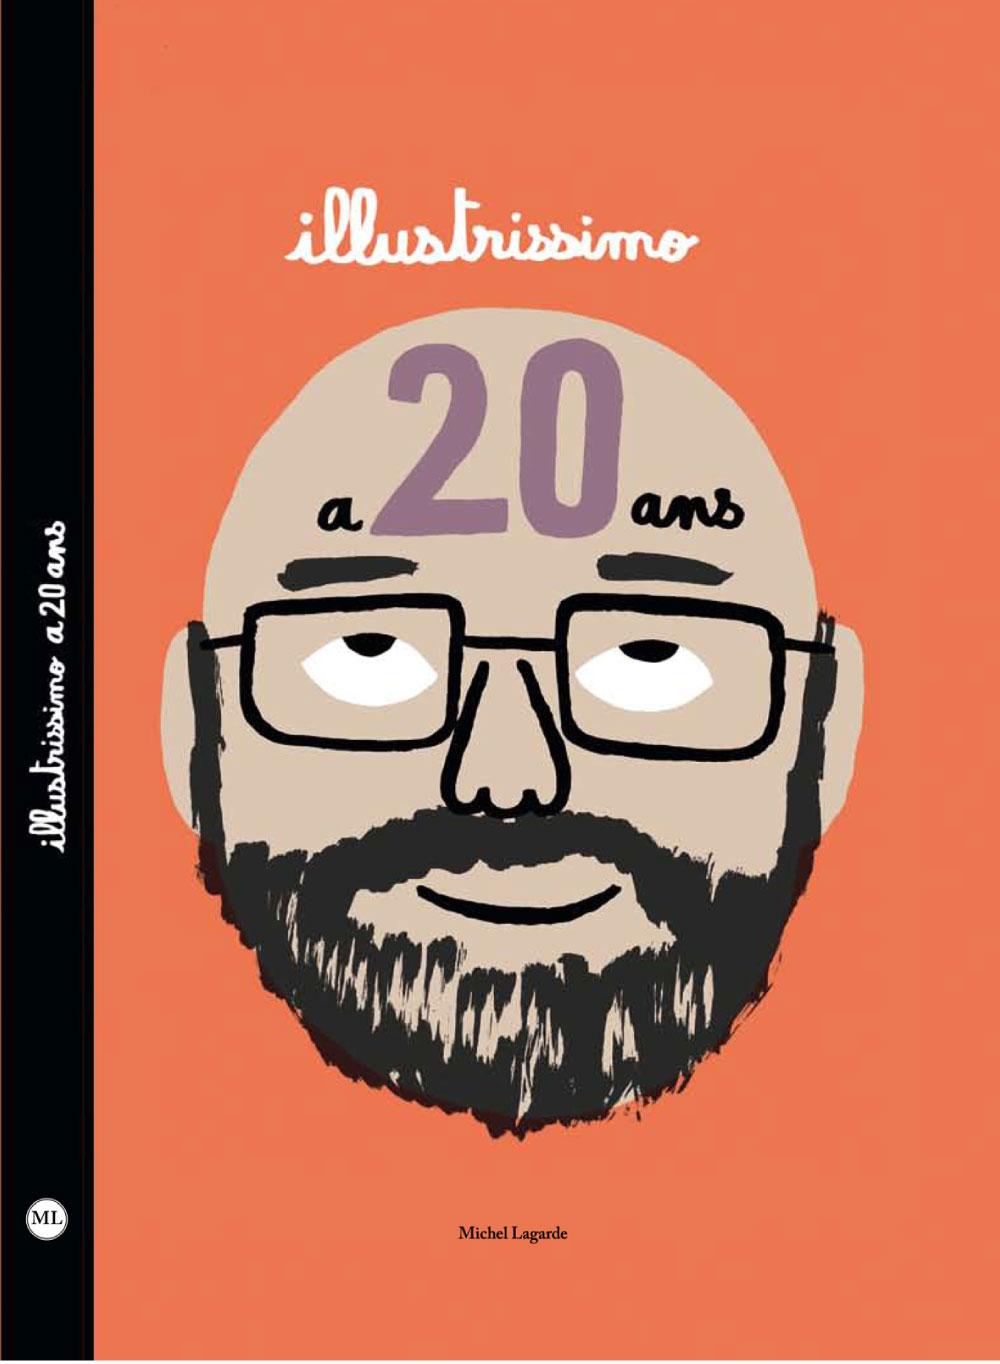 Couverture d'Illustrissimo a 20 ans | Catalogue d'Illustrations | Illustrissimo a 20 ans